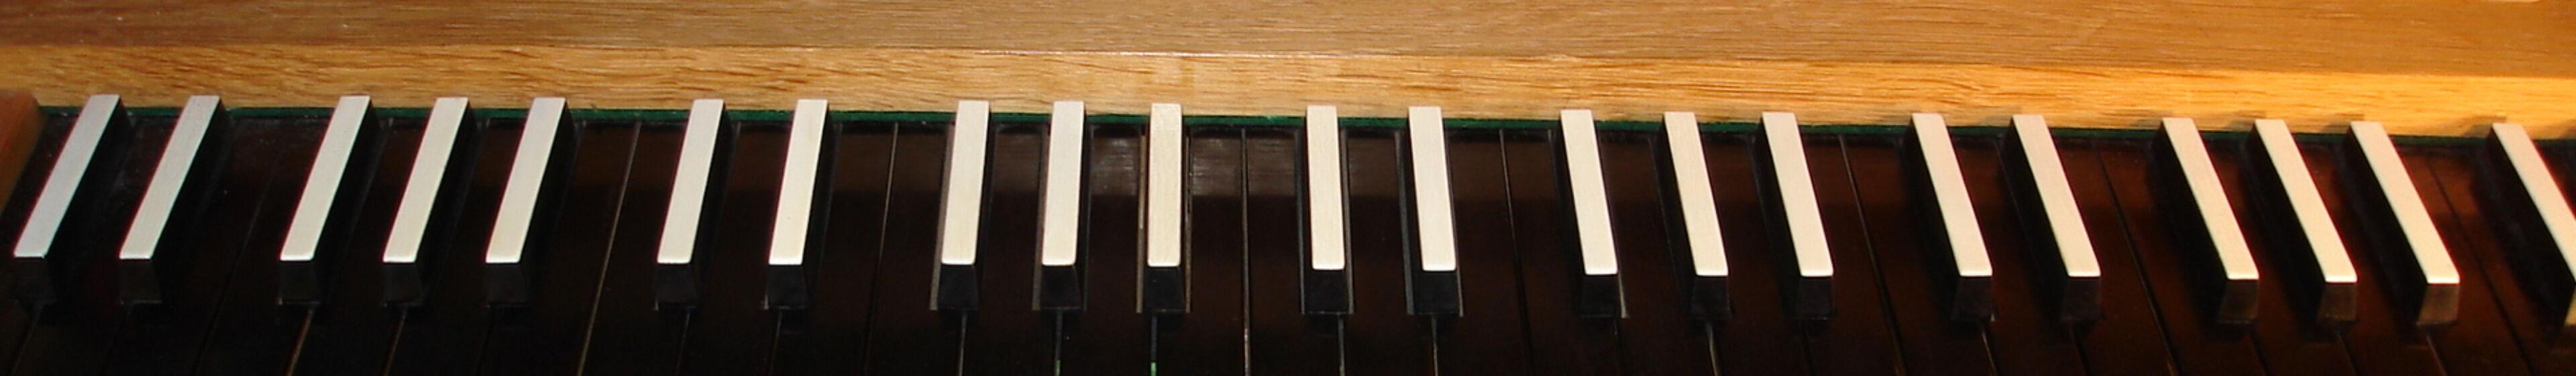 Orgel-Tasten_1920x280px